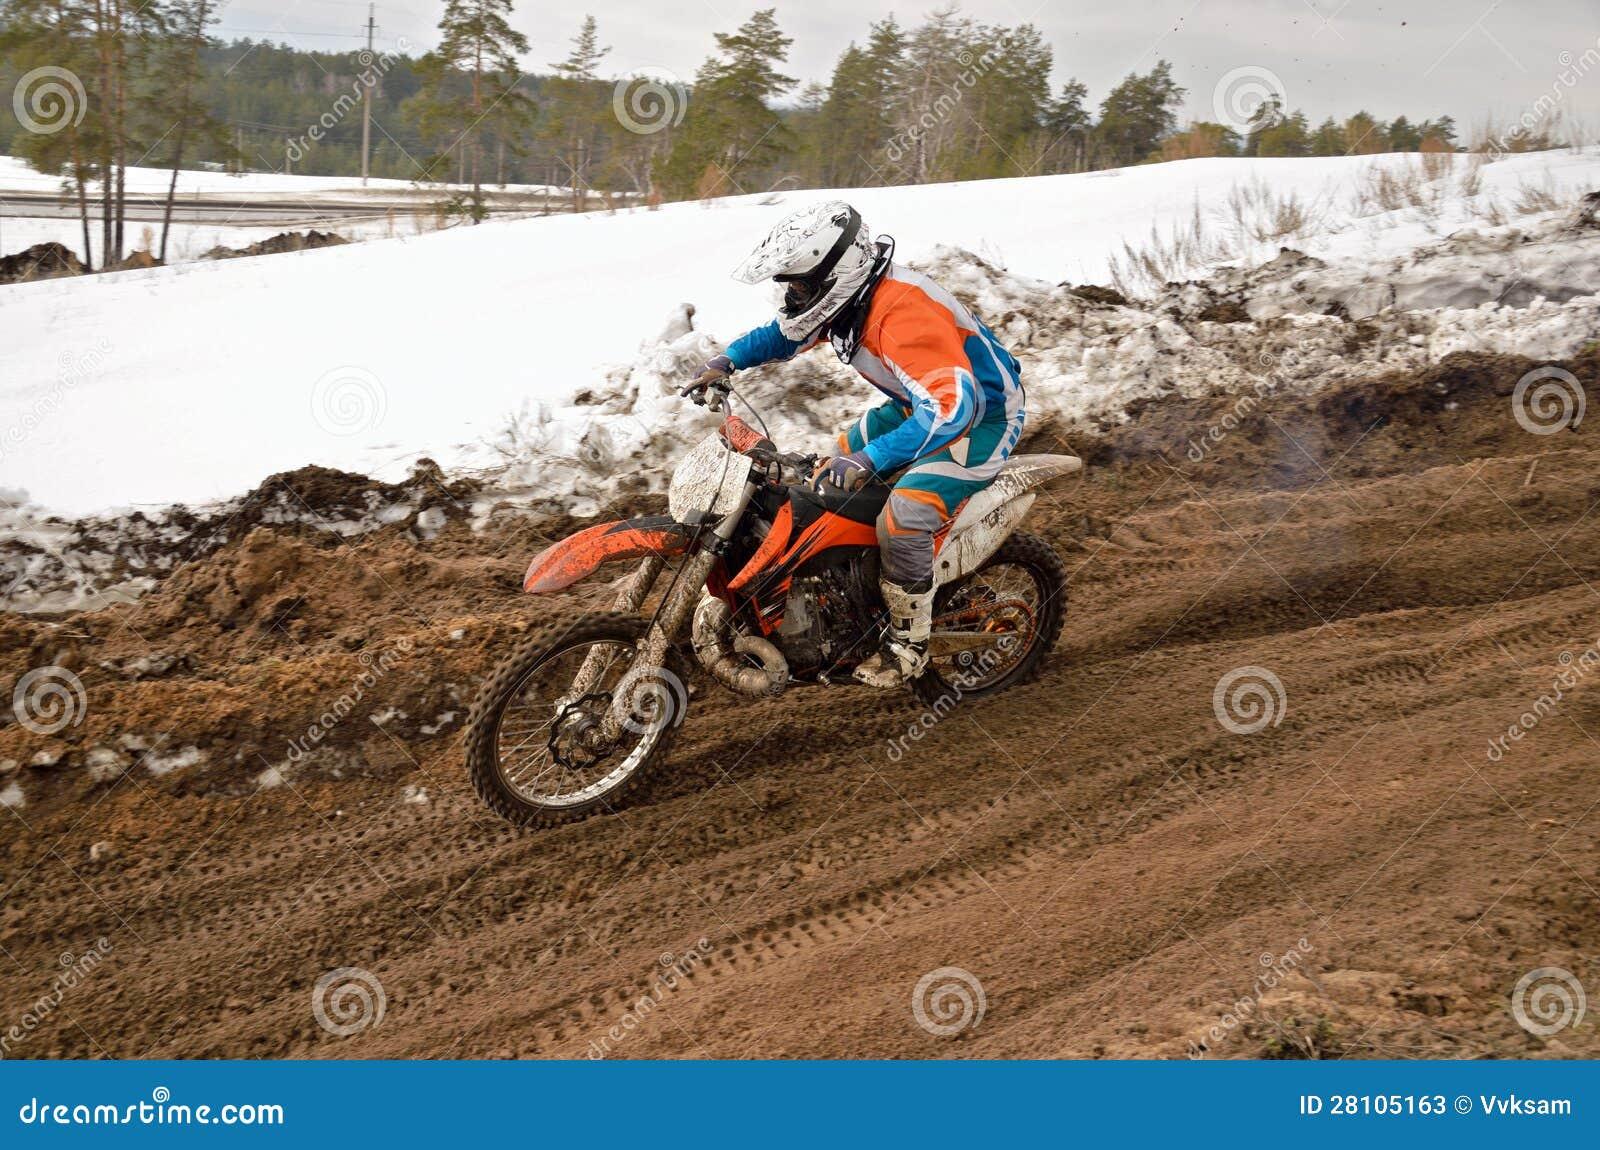 MX setkarz jedzie w spadku na motocross śladzie